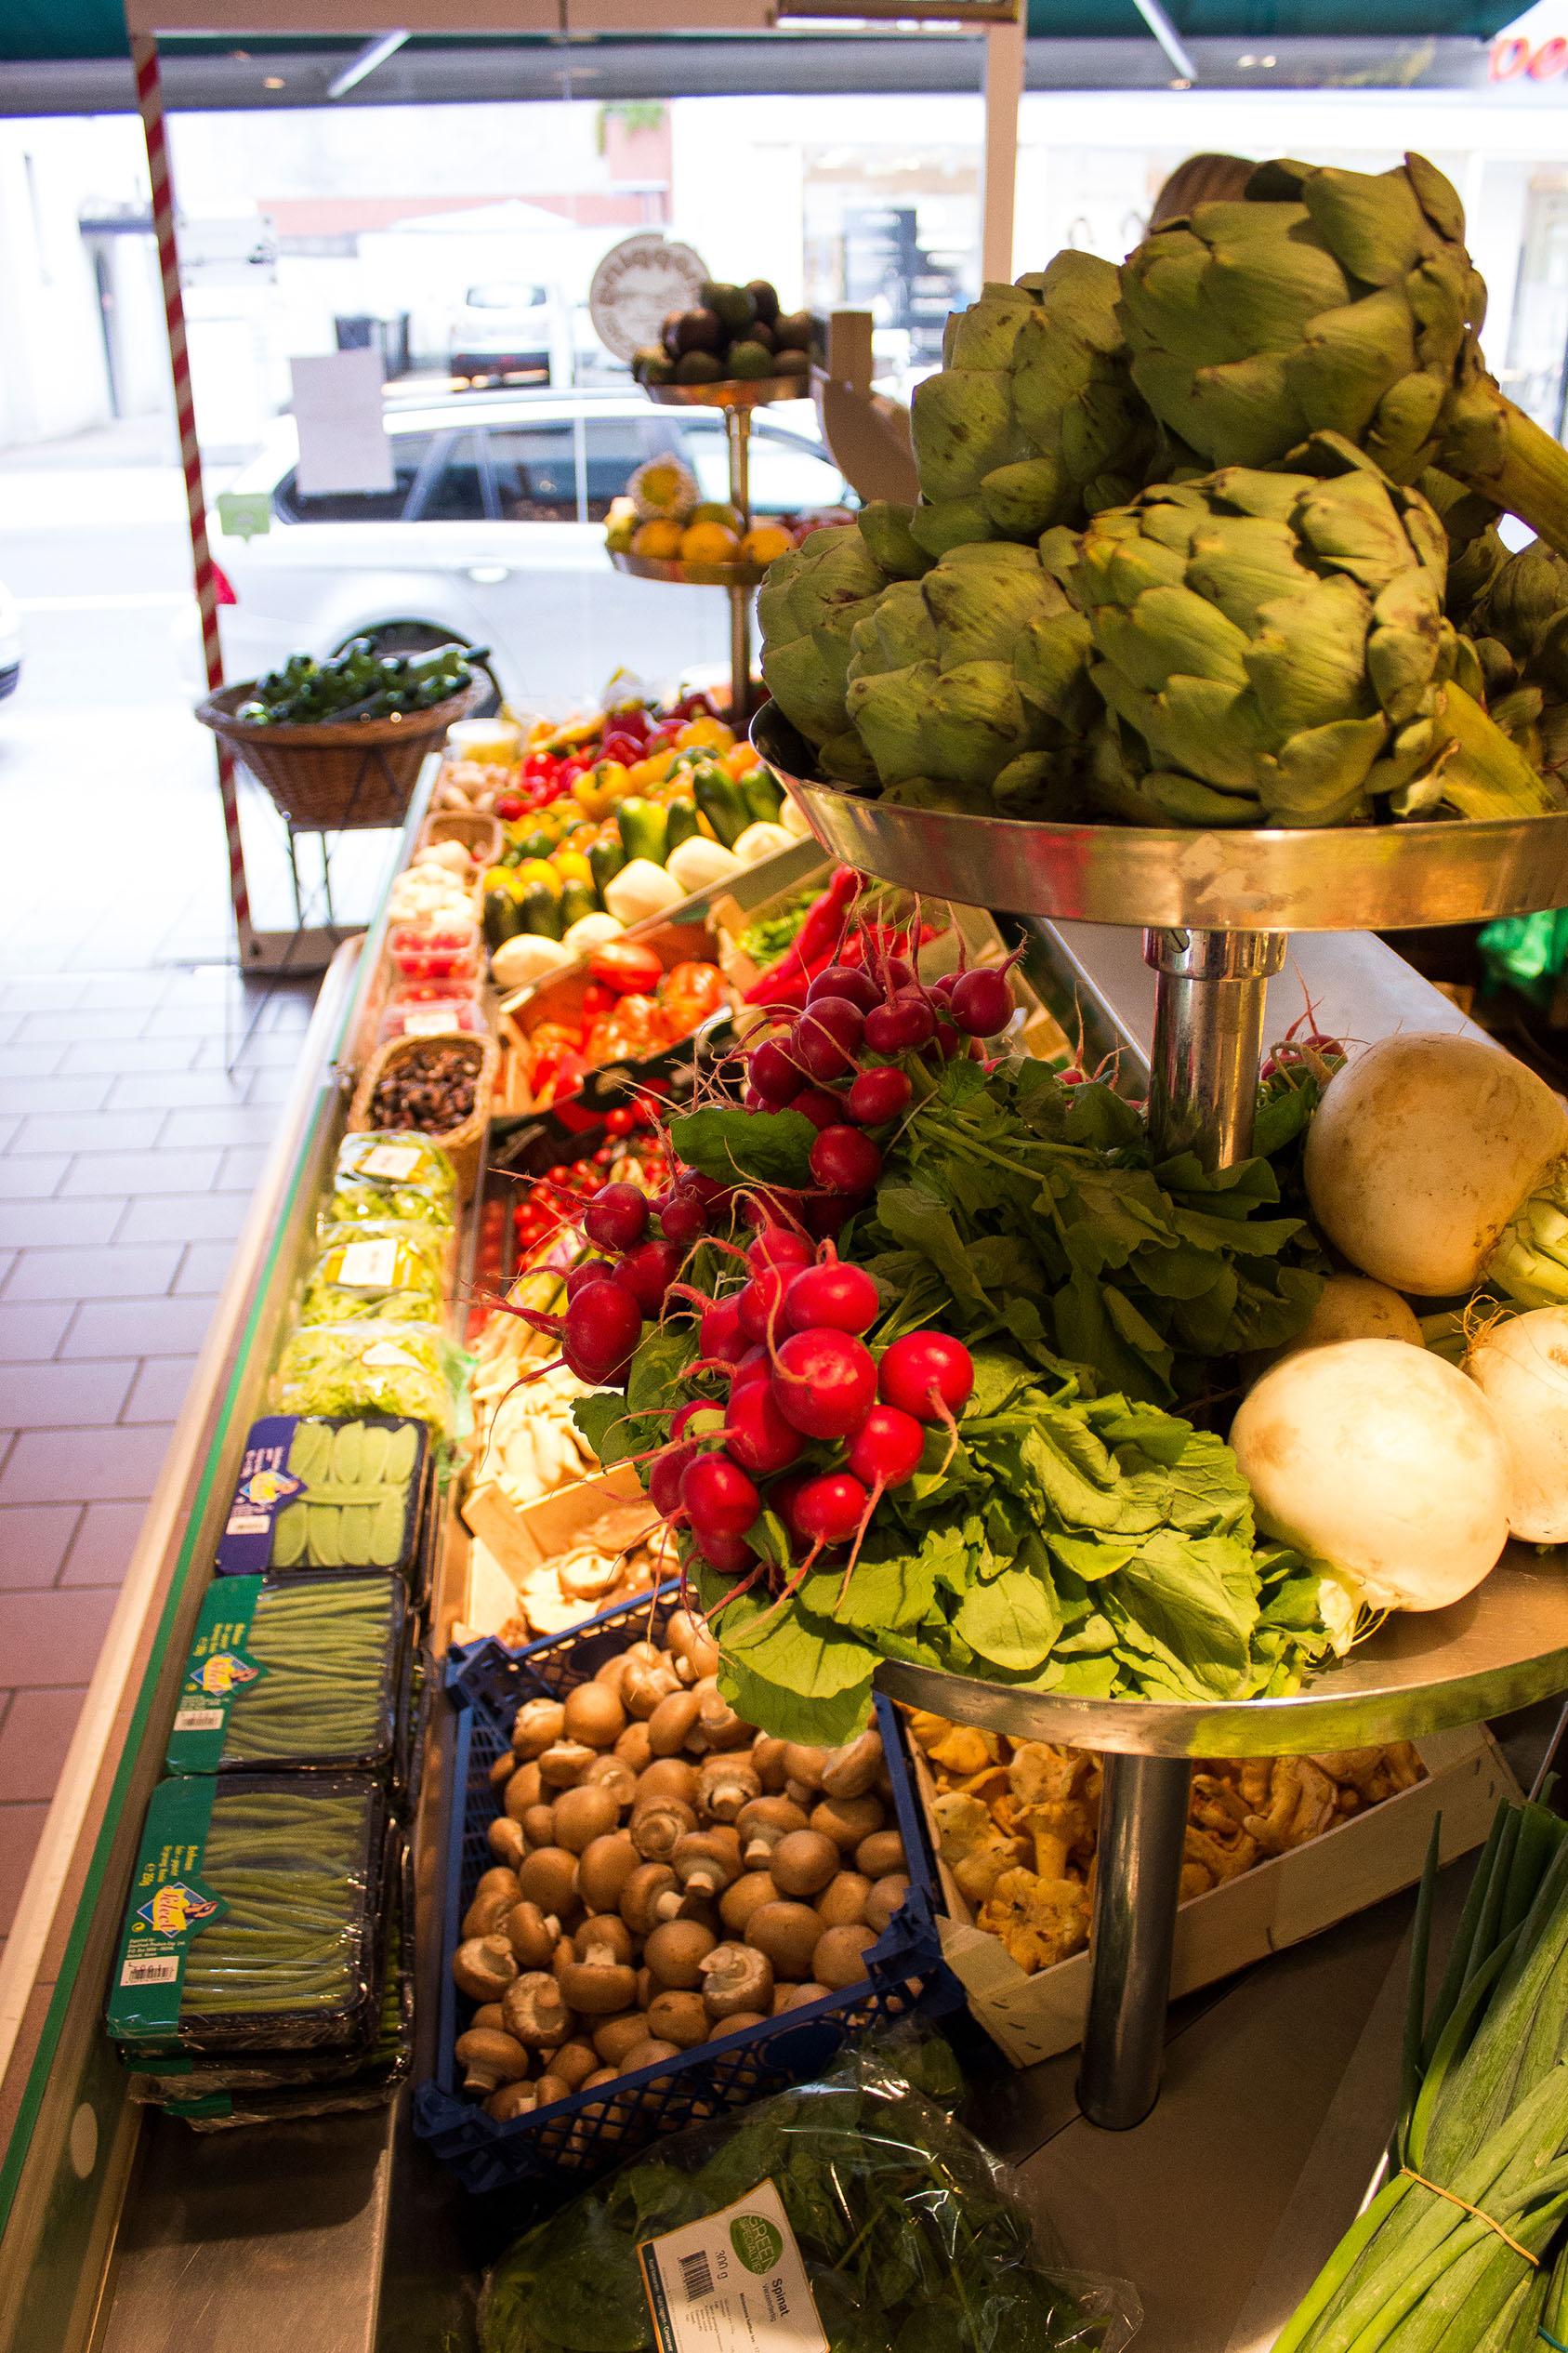 Super Obst und Gemüse | Walterscheidt in Köln Rodenkirchen | Walterscheidt #PK_69